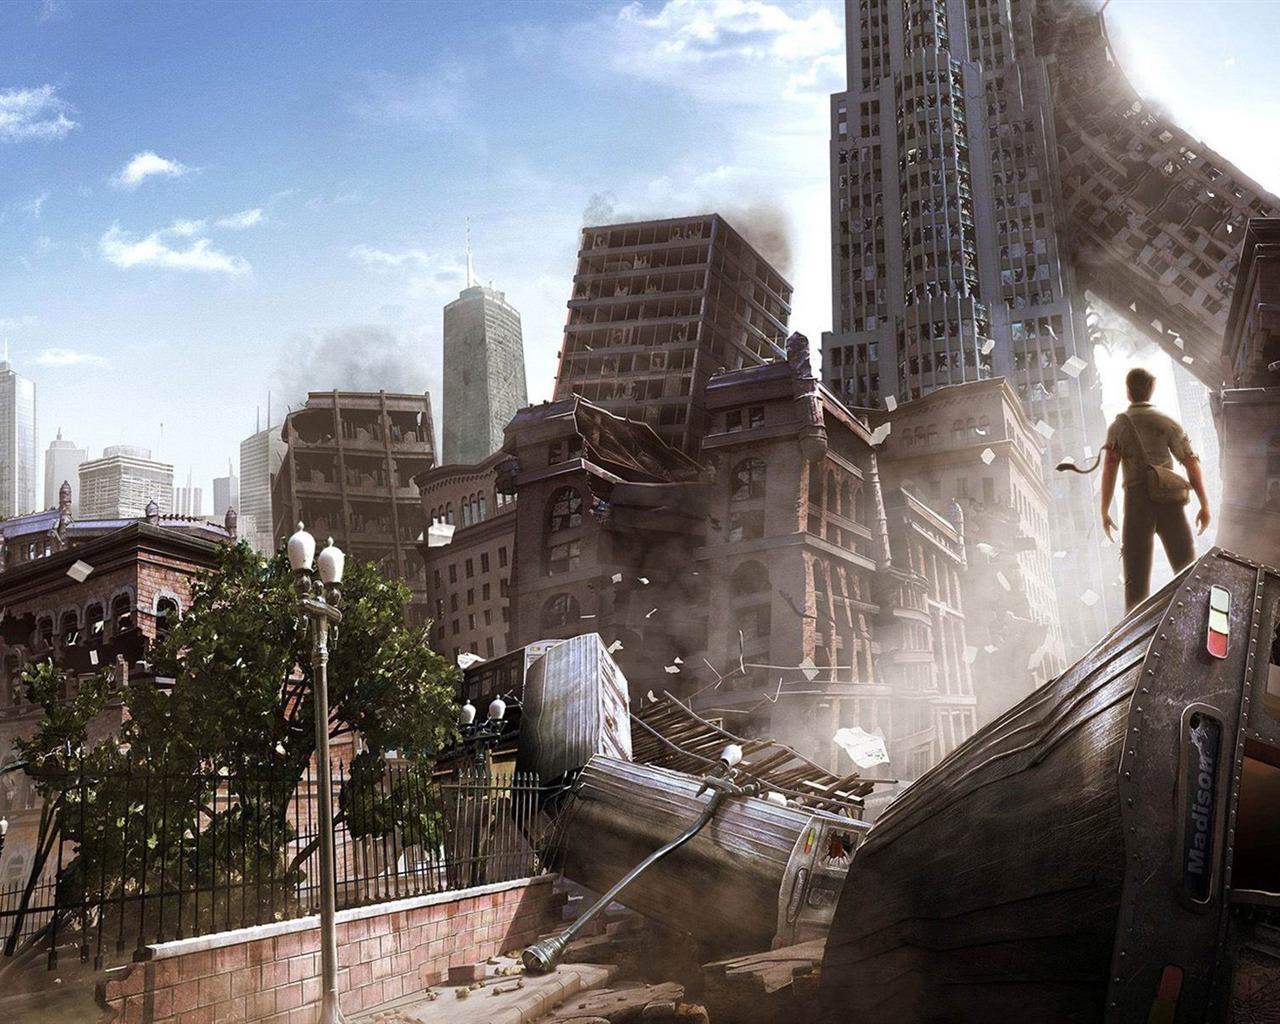 手绘图_末日后的大都市-劫后余生的世界插画壁纸预览 | 10wallpaper.com